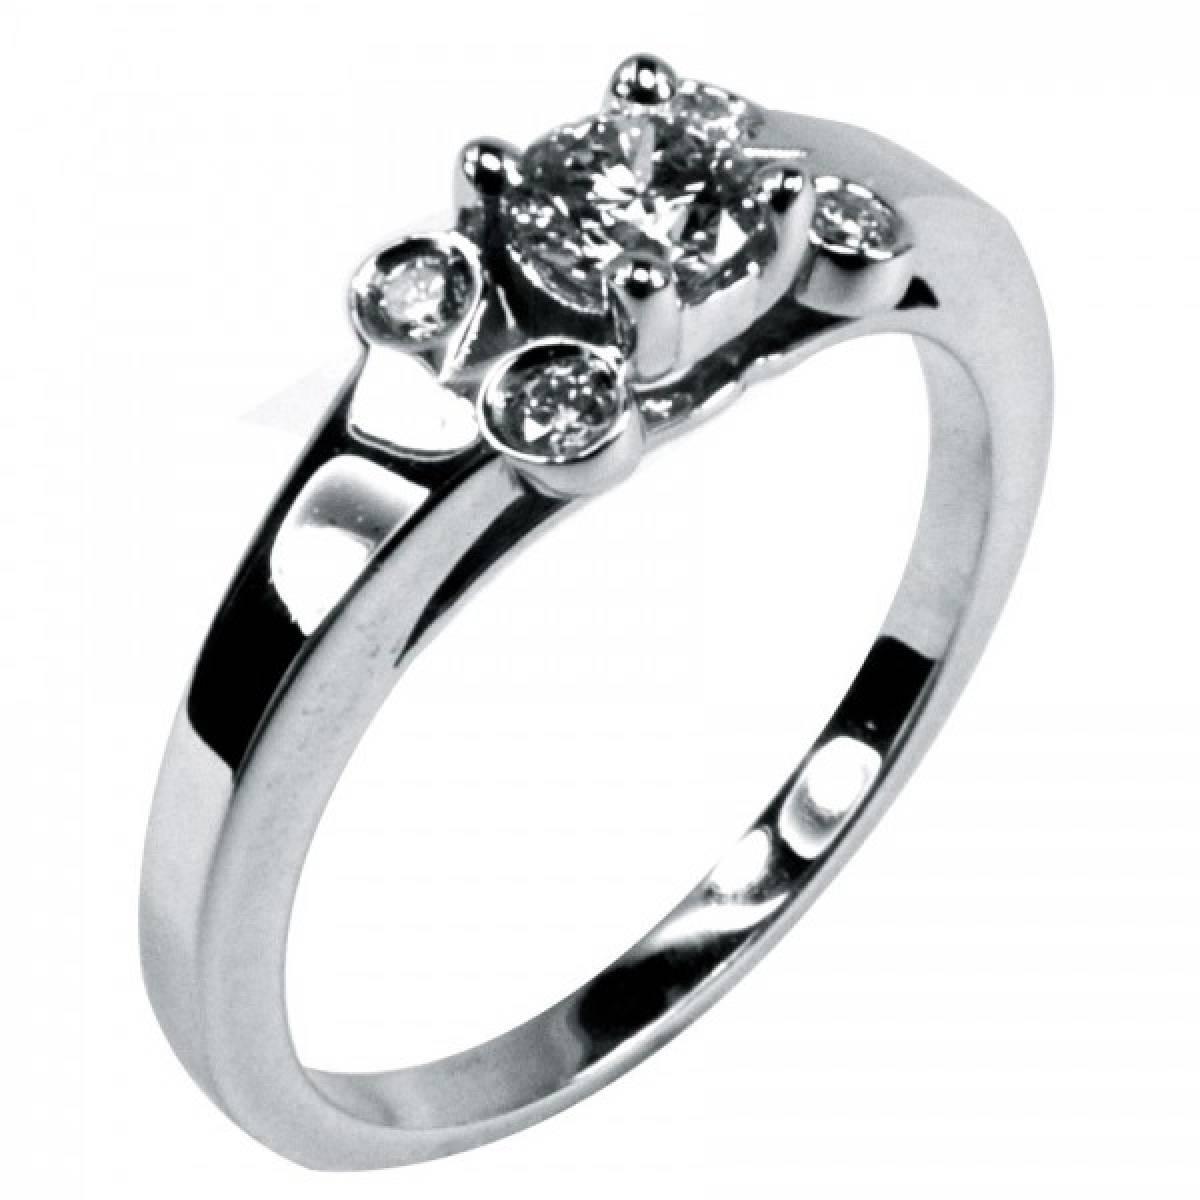 Anel de Noivado em Ouro de Branco de 19,2 kts (800) com Diamantes